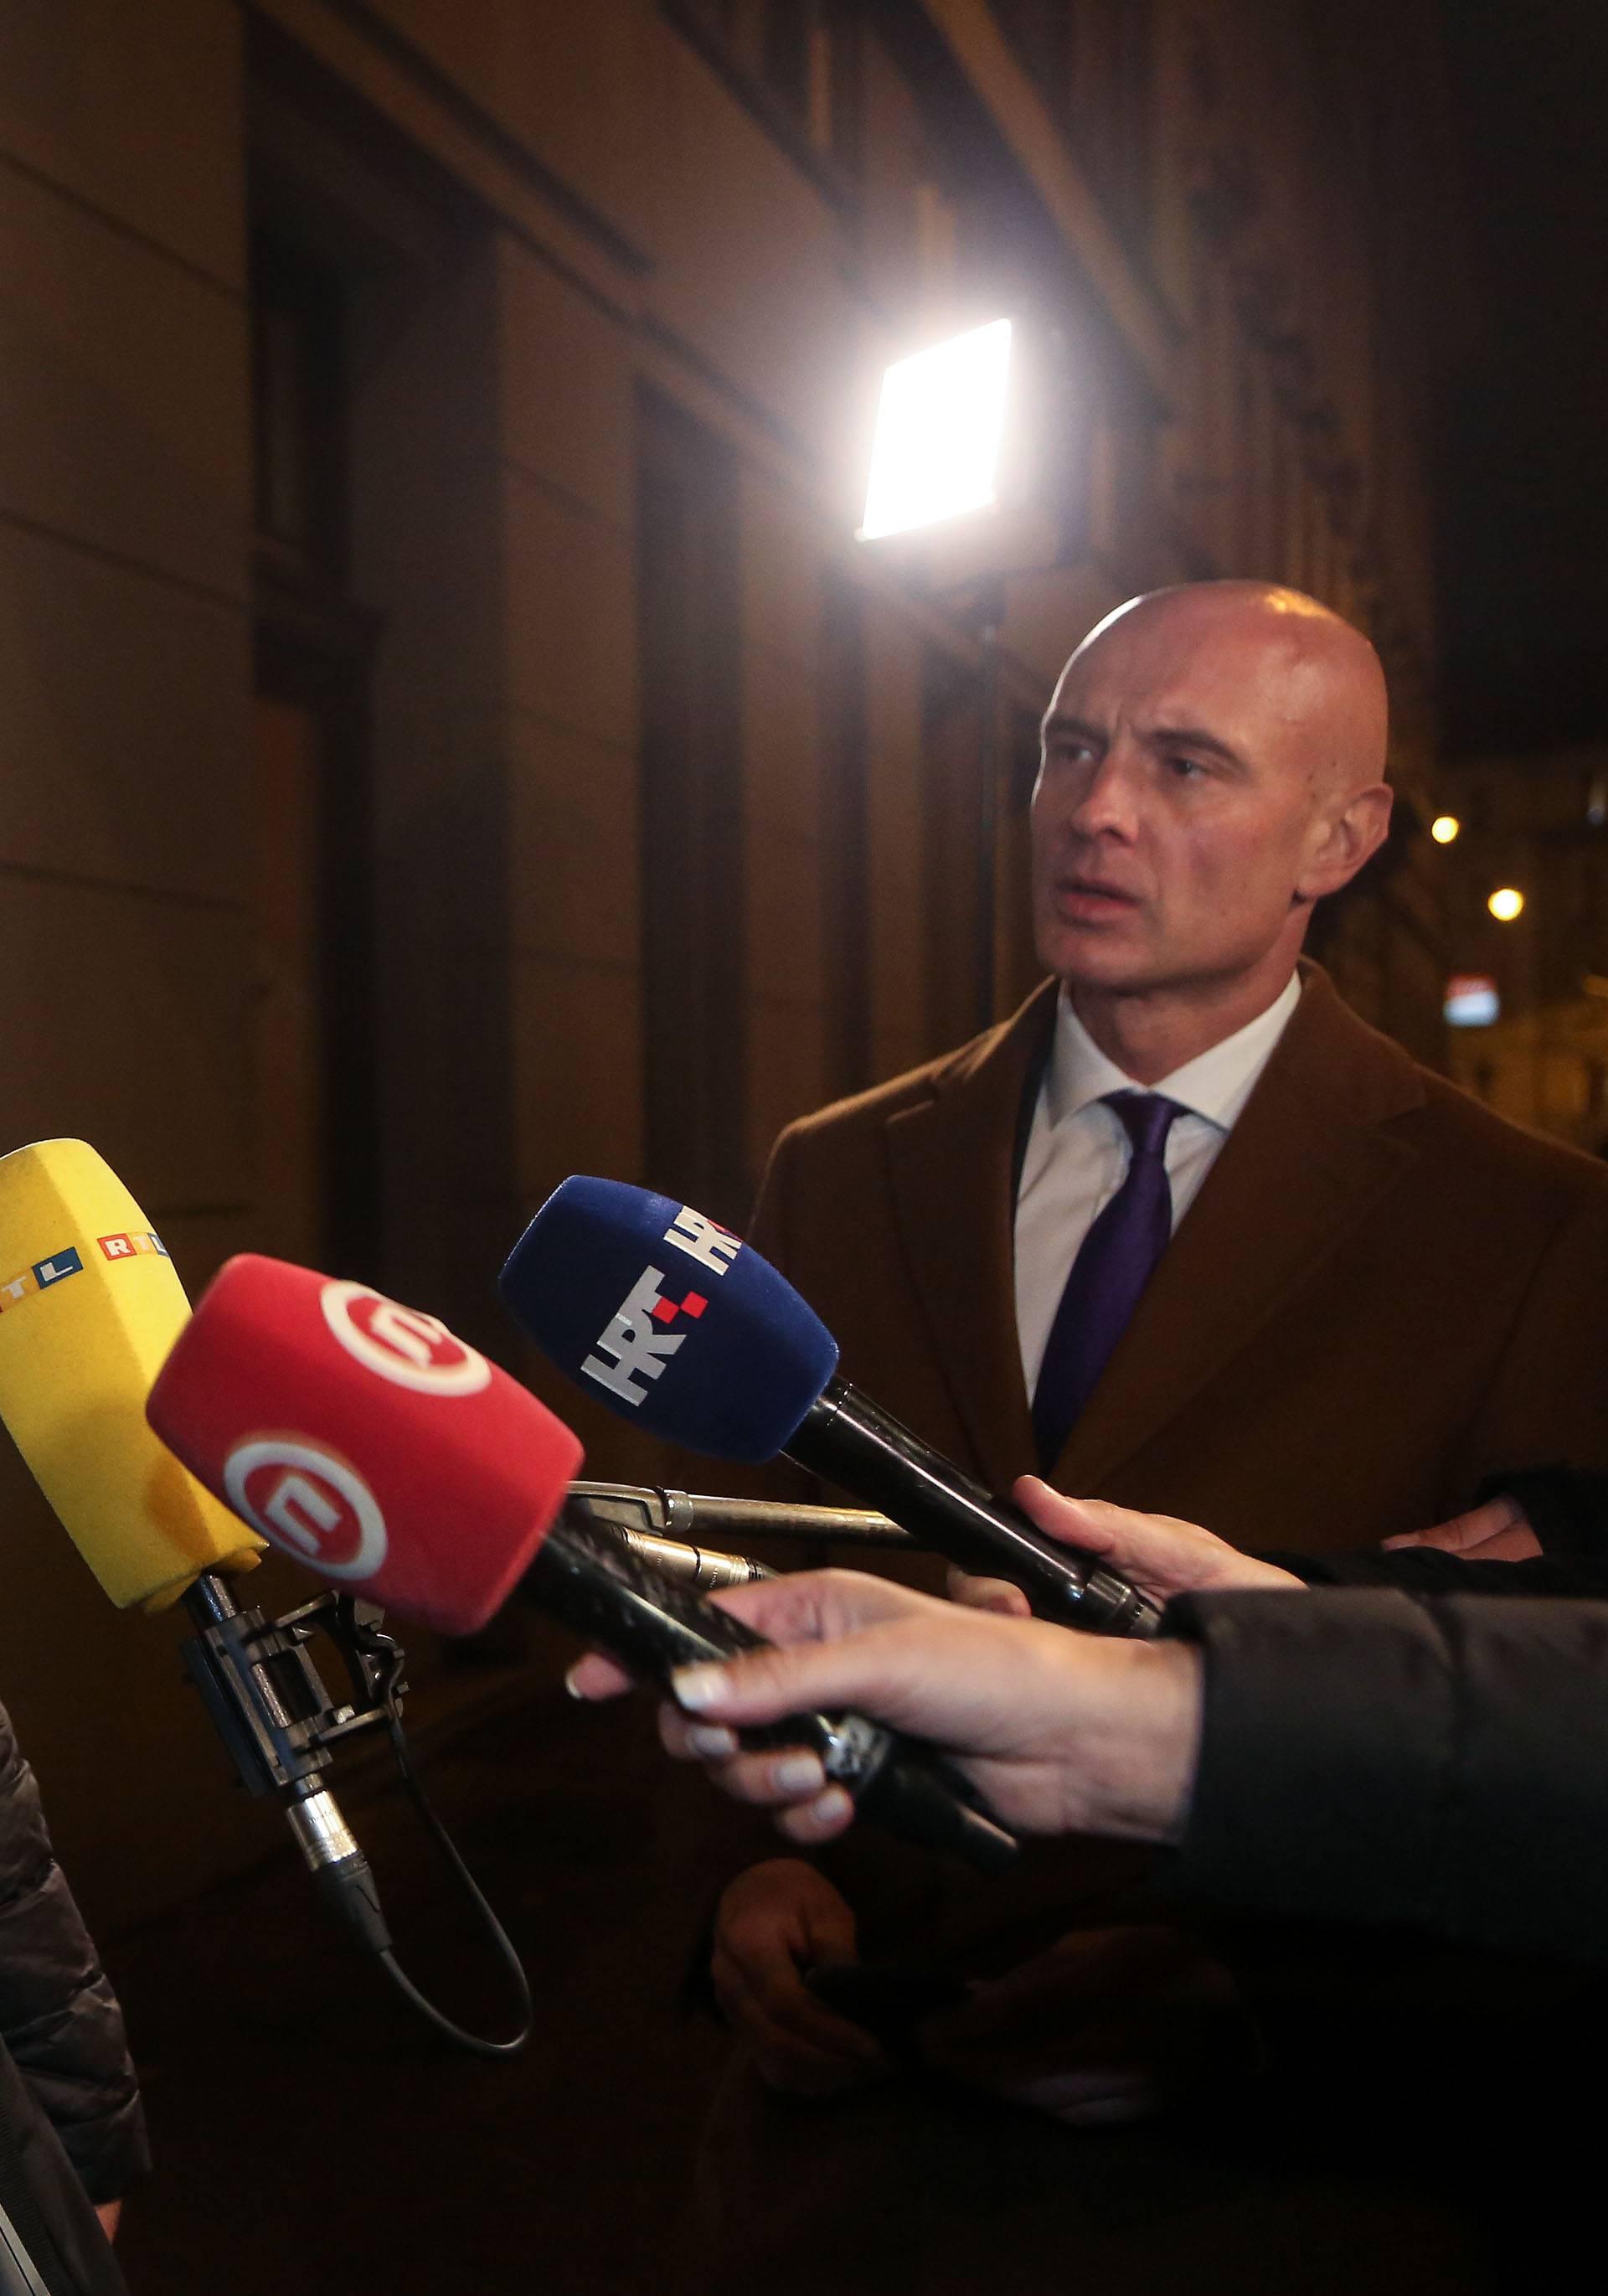 Vrdoljak: Postane li Kovač novi šef HDZ-a, HNS izlazi iz Vlade